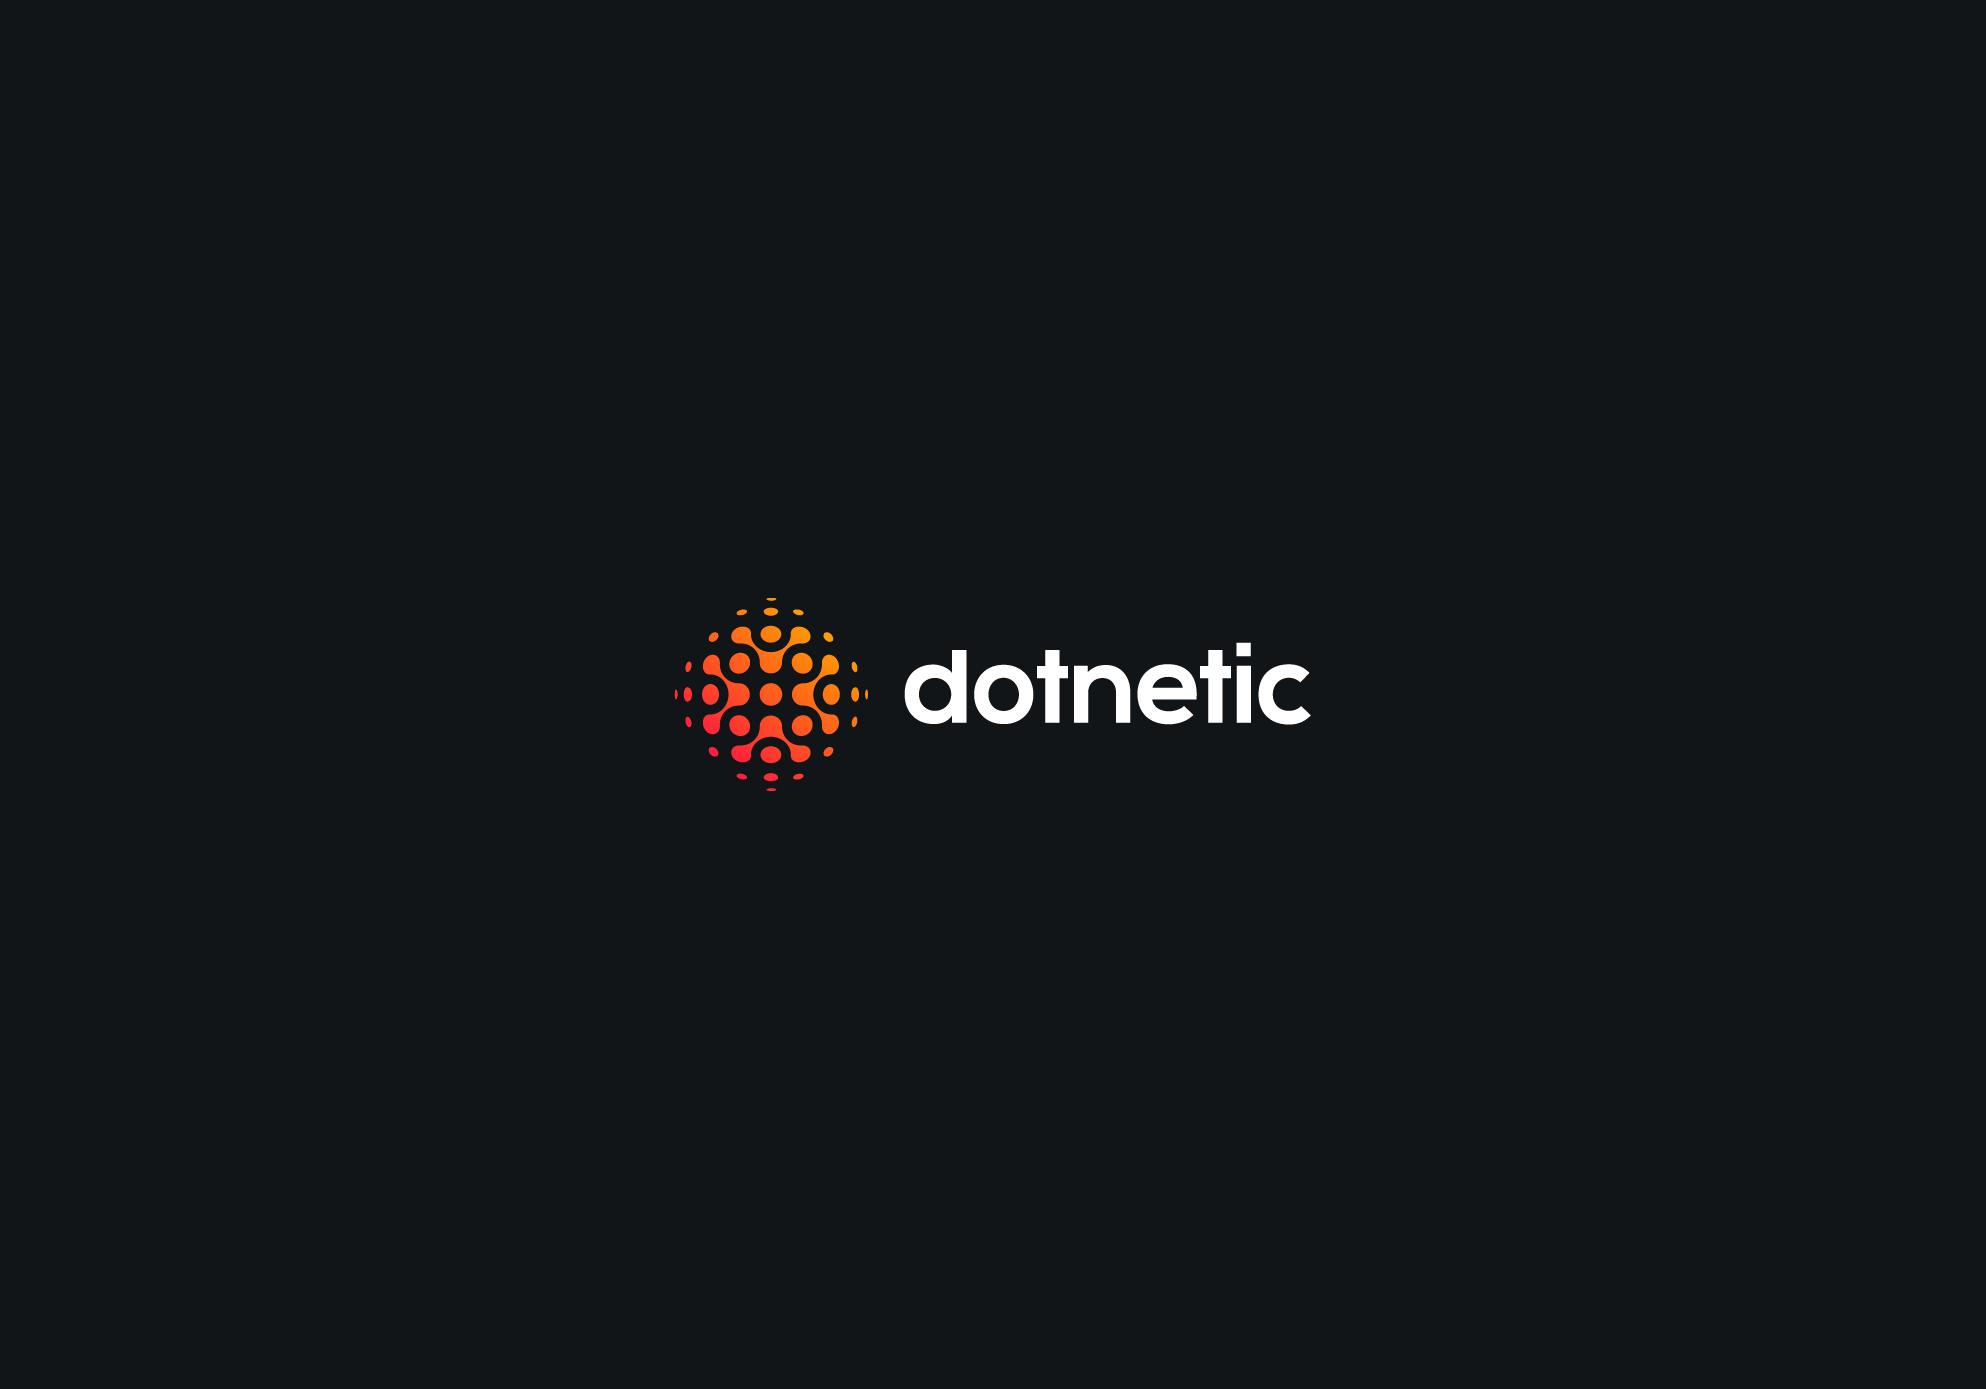 Logo Design for dotnetic